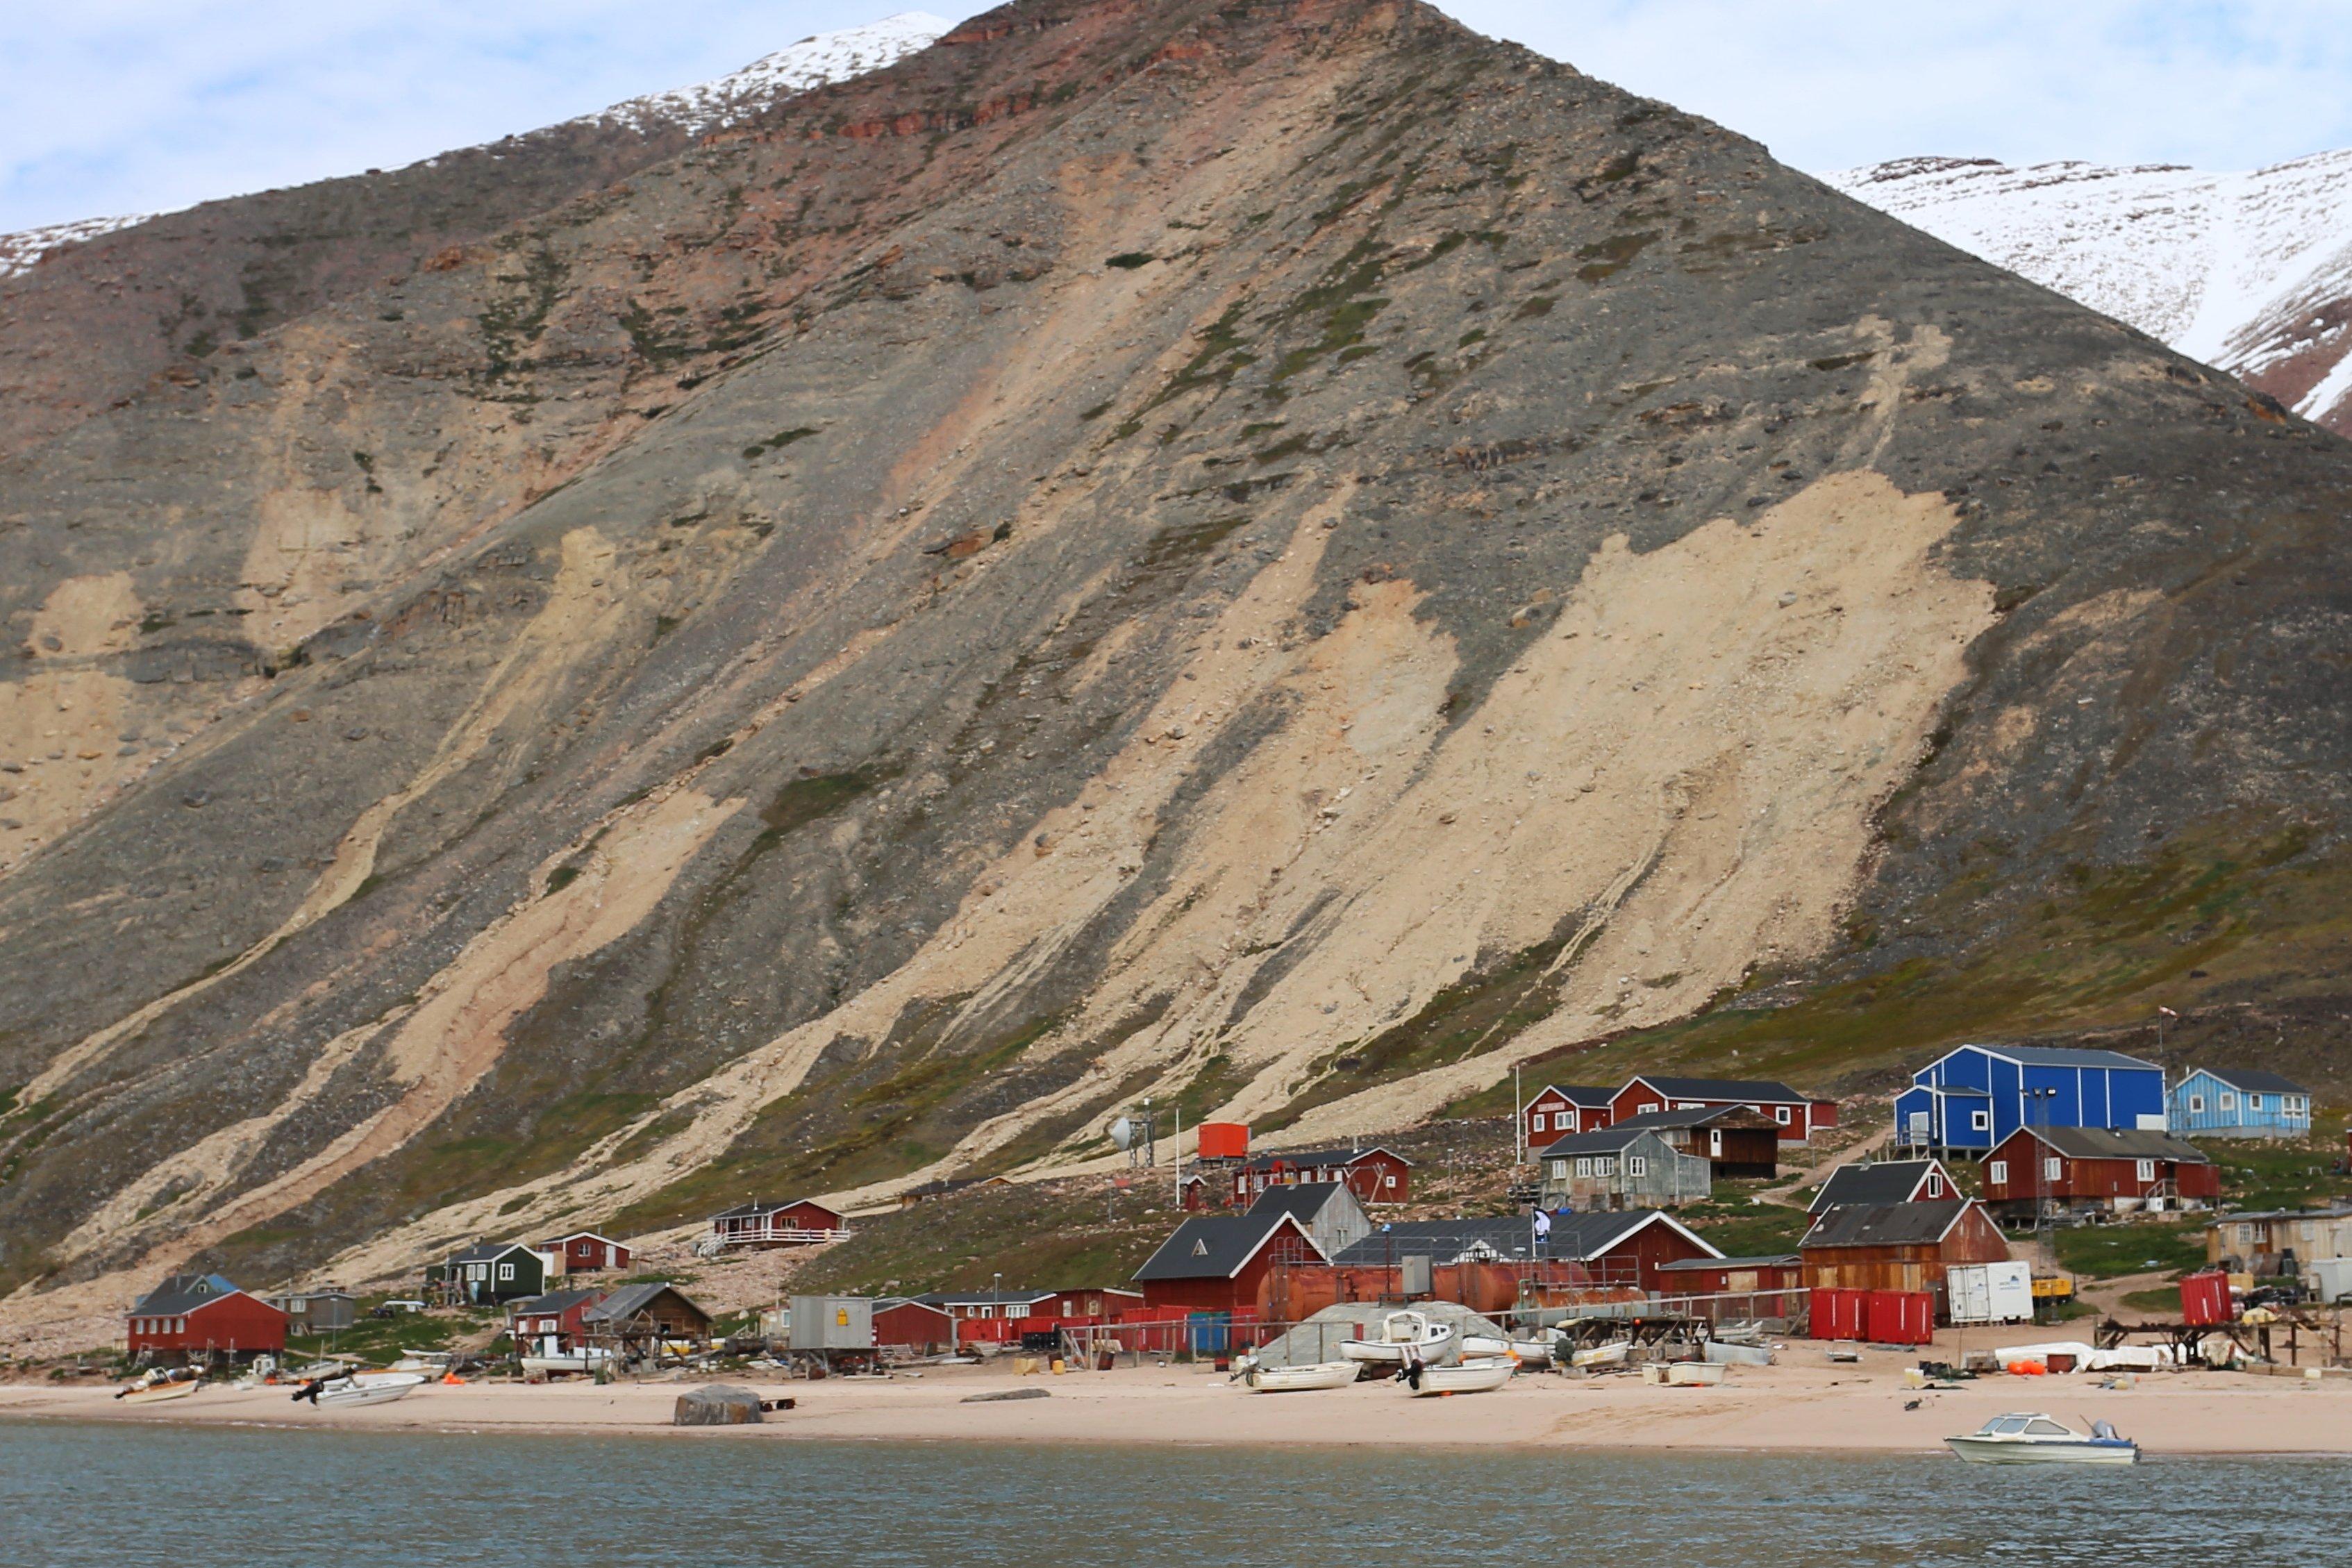 豪雨による地滑りに襲われたグリーンランド最北のシオラパルク村